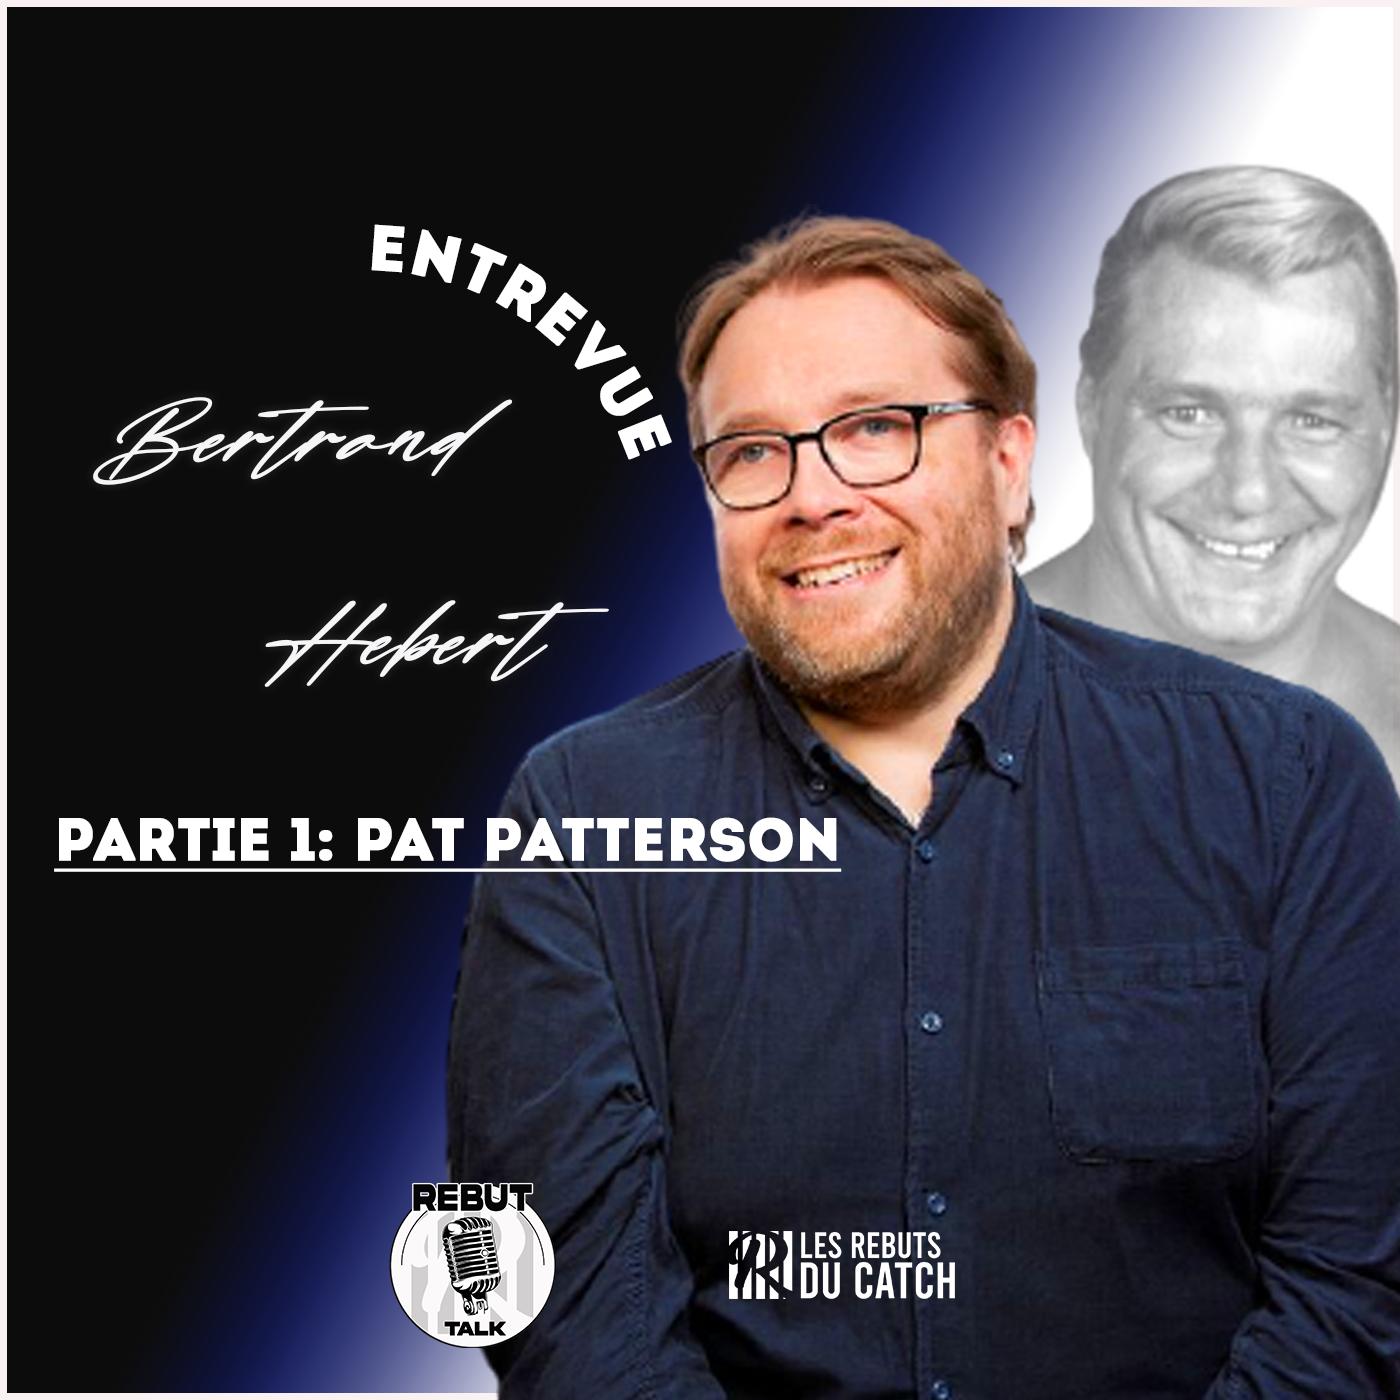 Bertrand Hebert nous raconte Pat Patterson : la vérité sur cette icone du Catch.